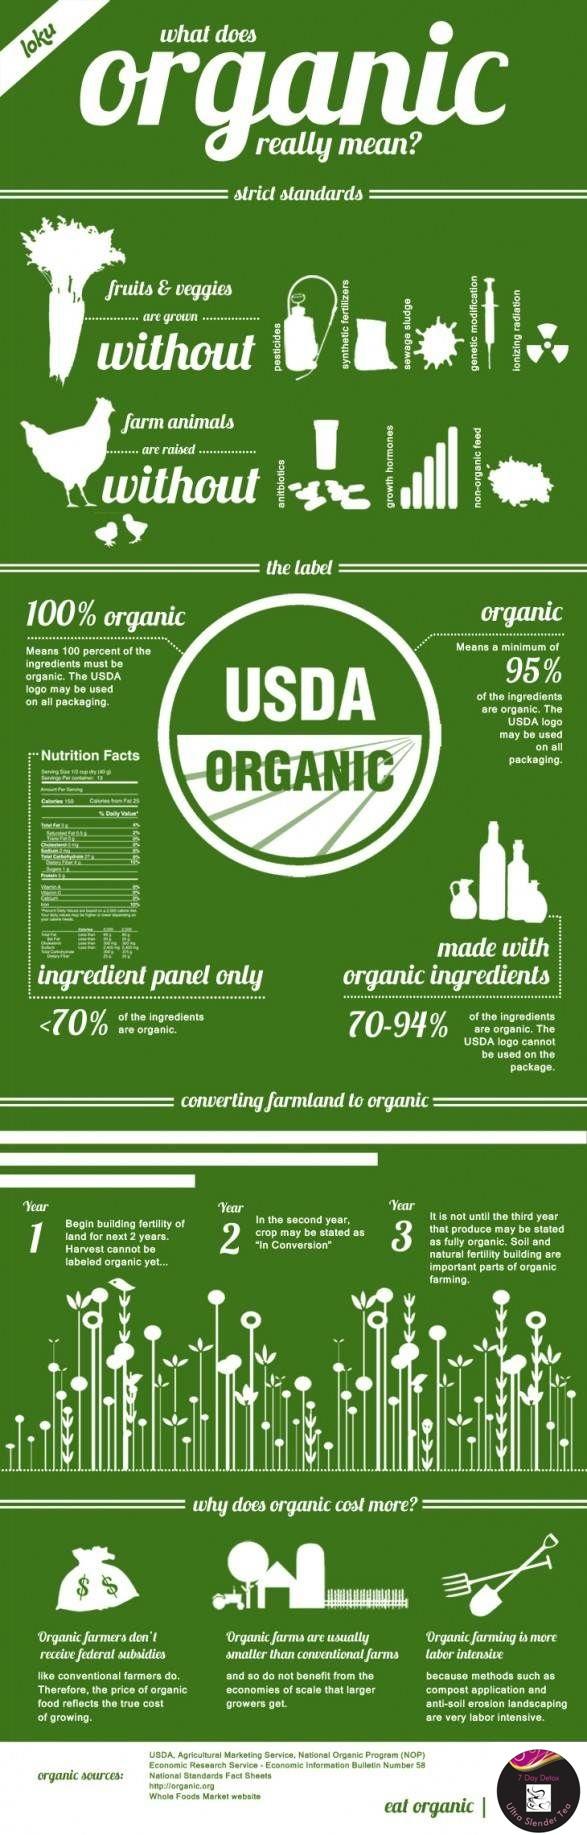 USDA Organic, Eco-Savy.com